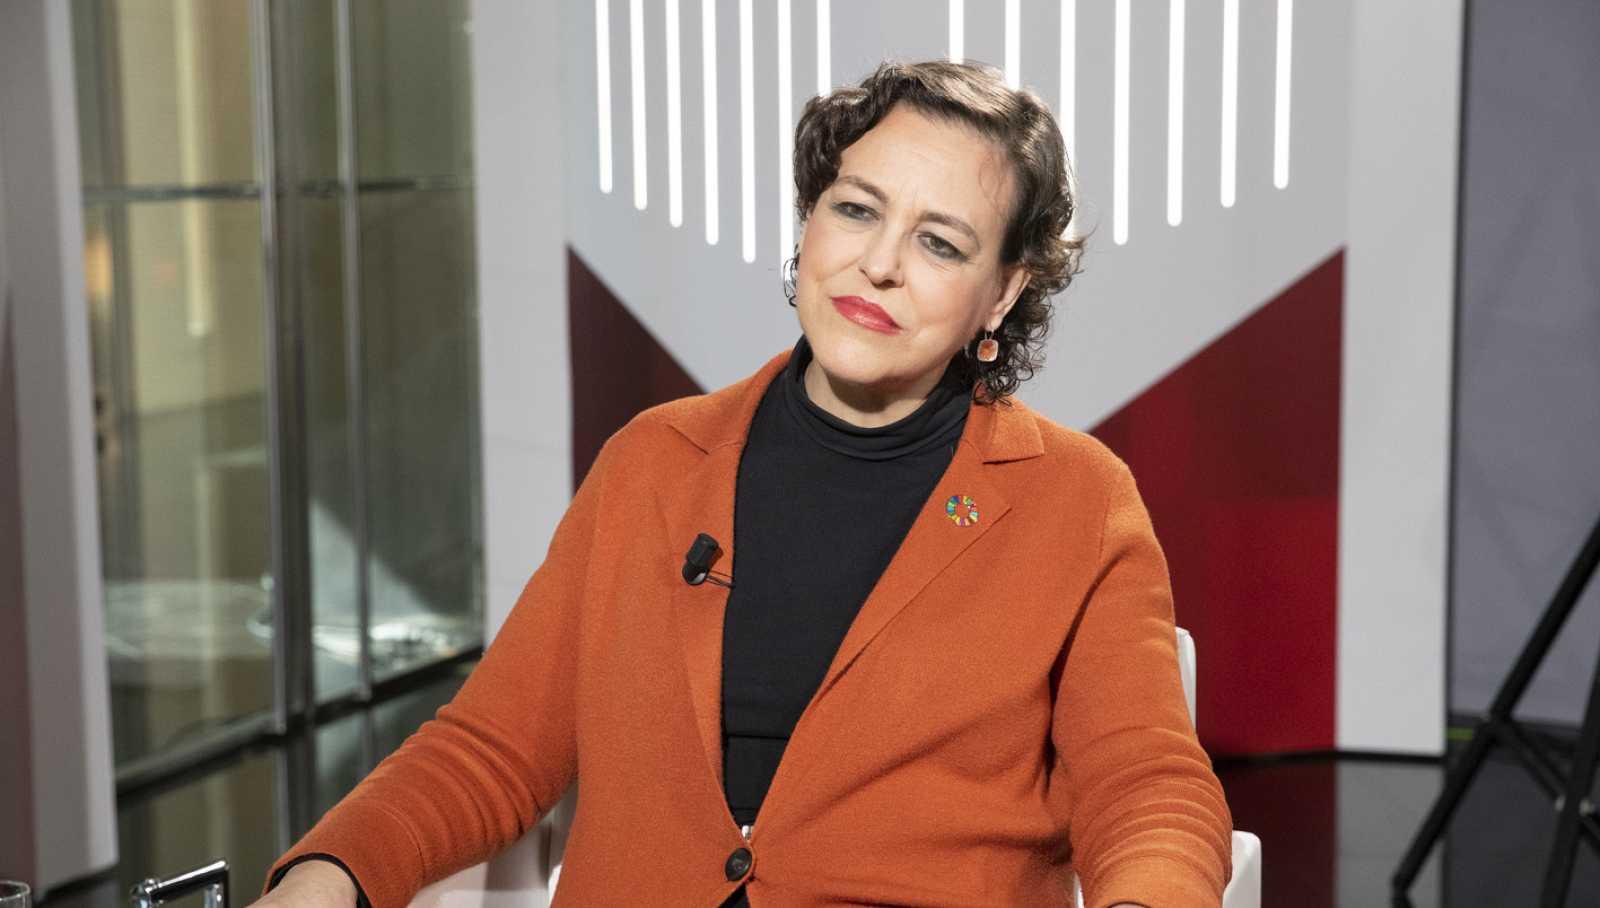 Parlamento - La entrevista - Magdalena Valerio, presidenta de la Comisión del Pacto de Toledo - 22/02/2020